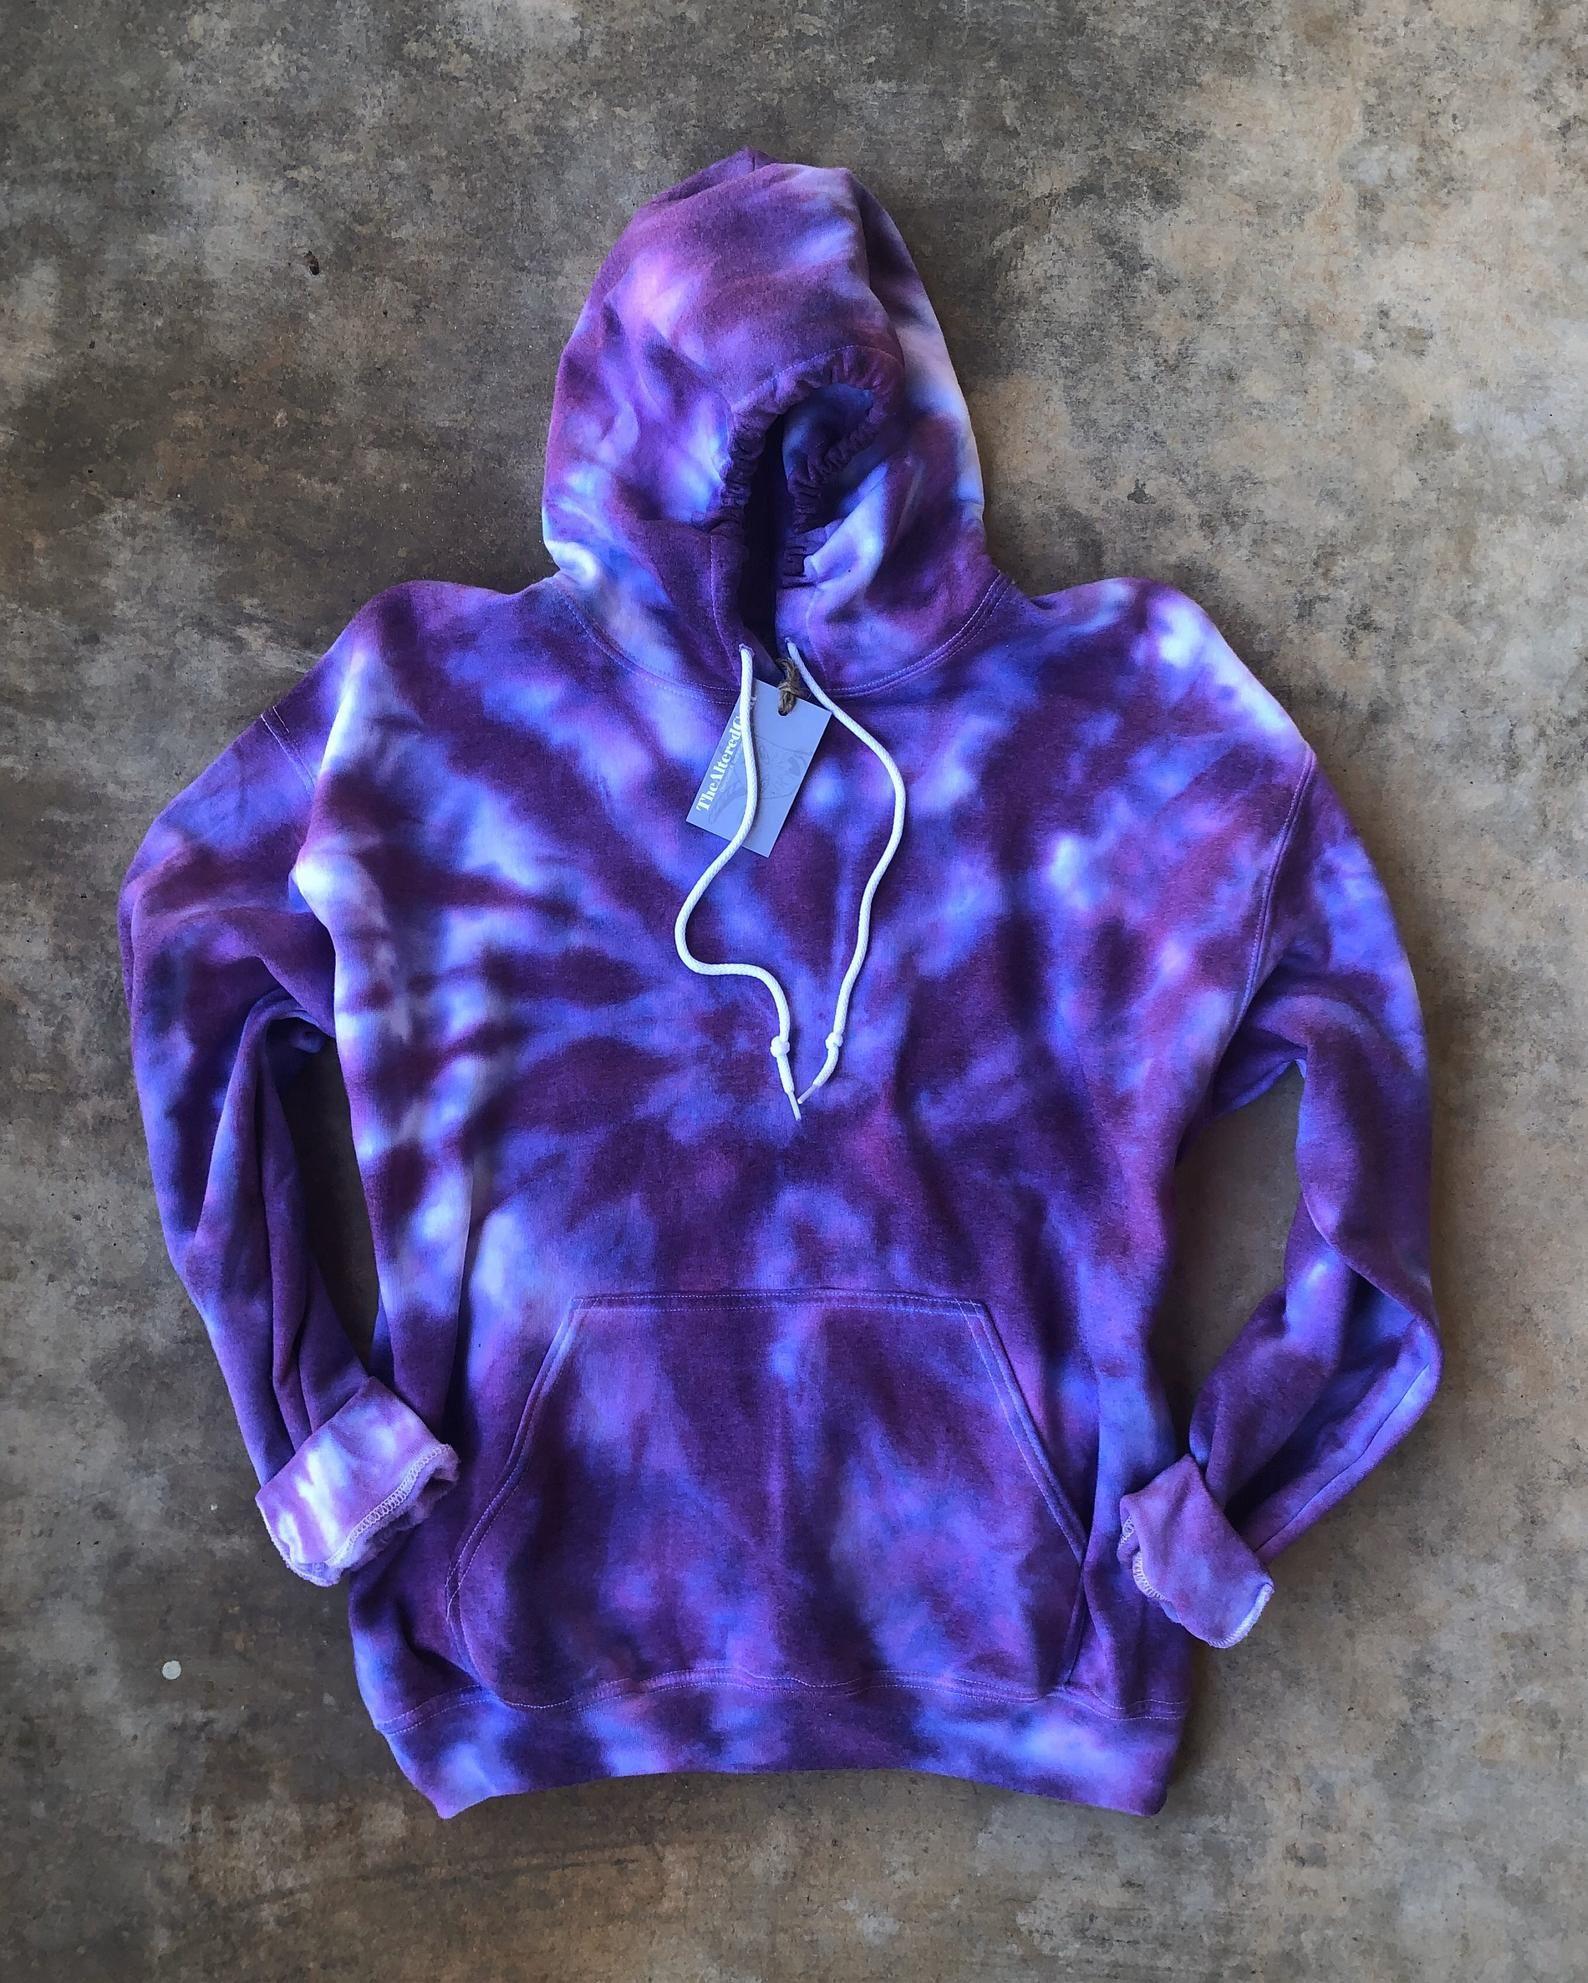 Tie Dye Hoodie Sweatshirt Tie Dye Sweatshirt Tie Dye Hoodie Violet Crush Tie Dye Sweatshirt Tie Dye Hoodie Tie Dye Shirts Patterns [ 1983 x 1588 Pixel ]